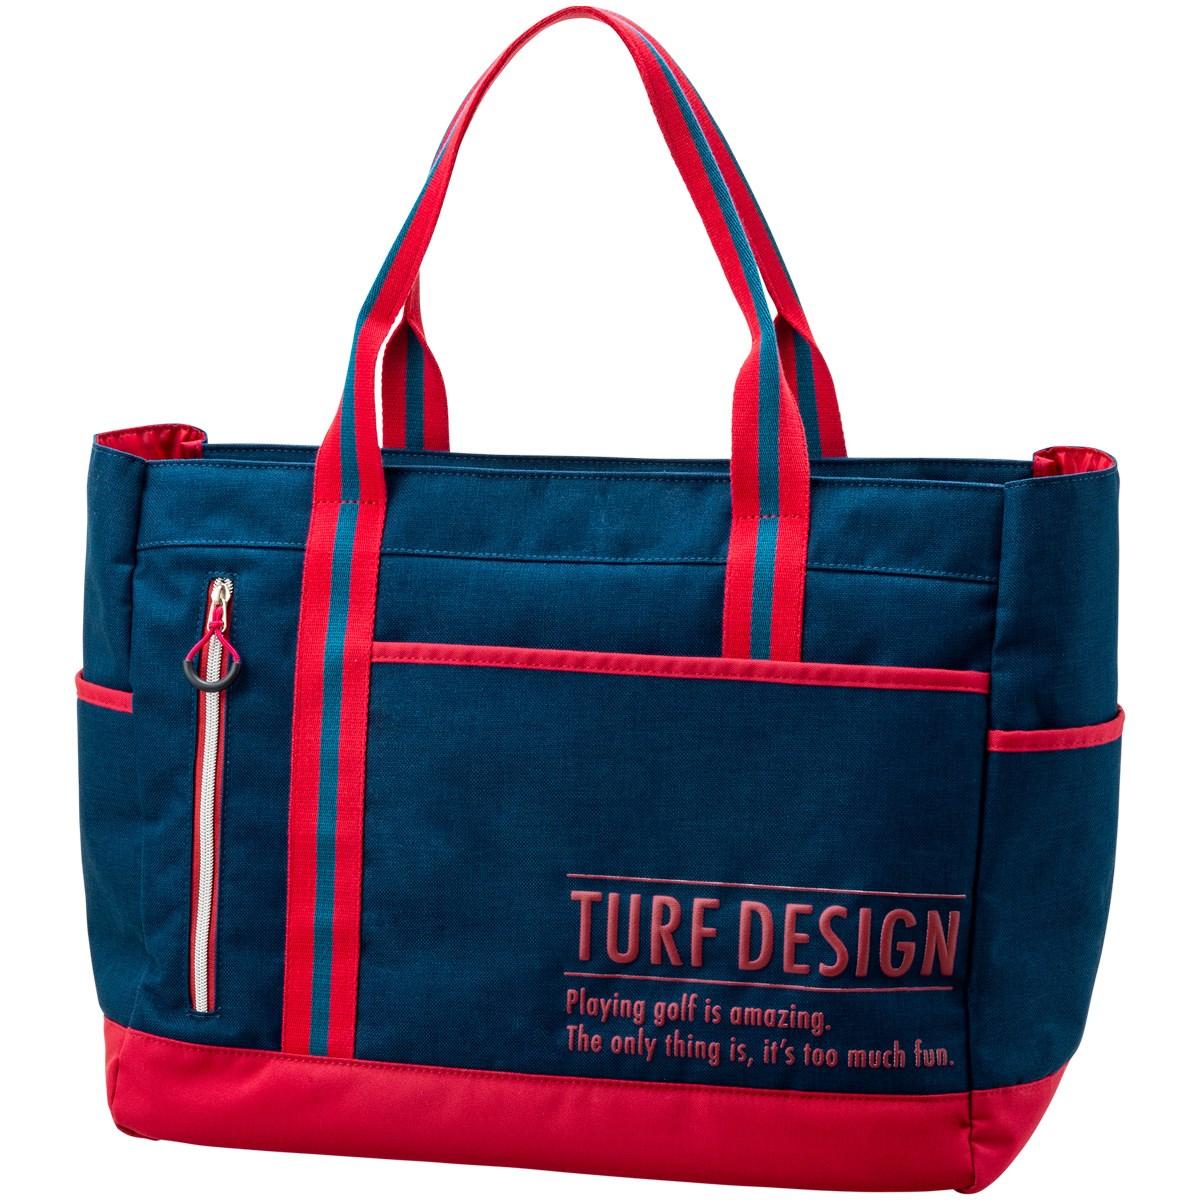 ターフデザイン TURF DESIGN トートバッグ ネイビー/レッド